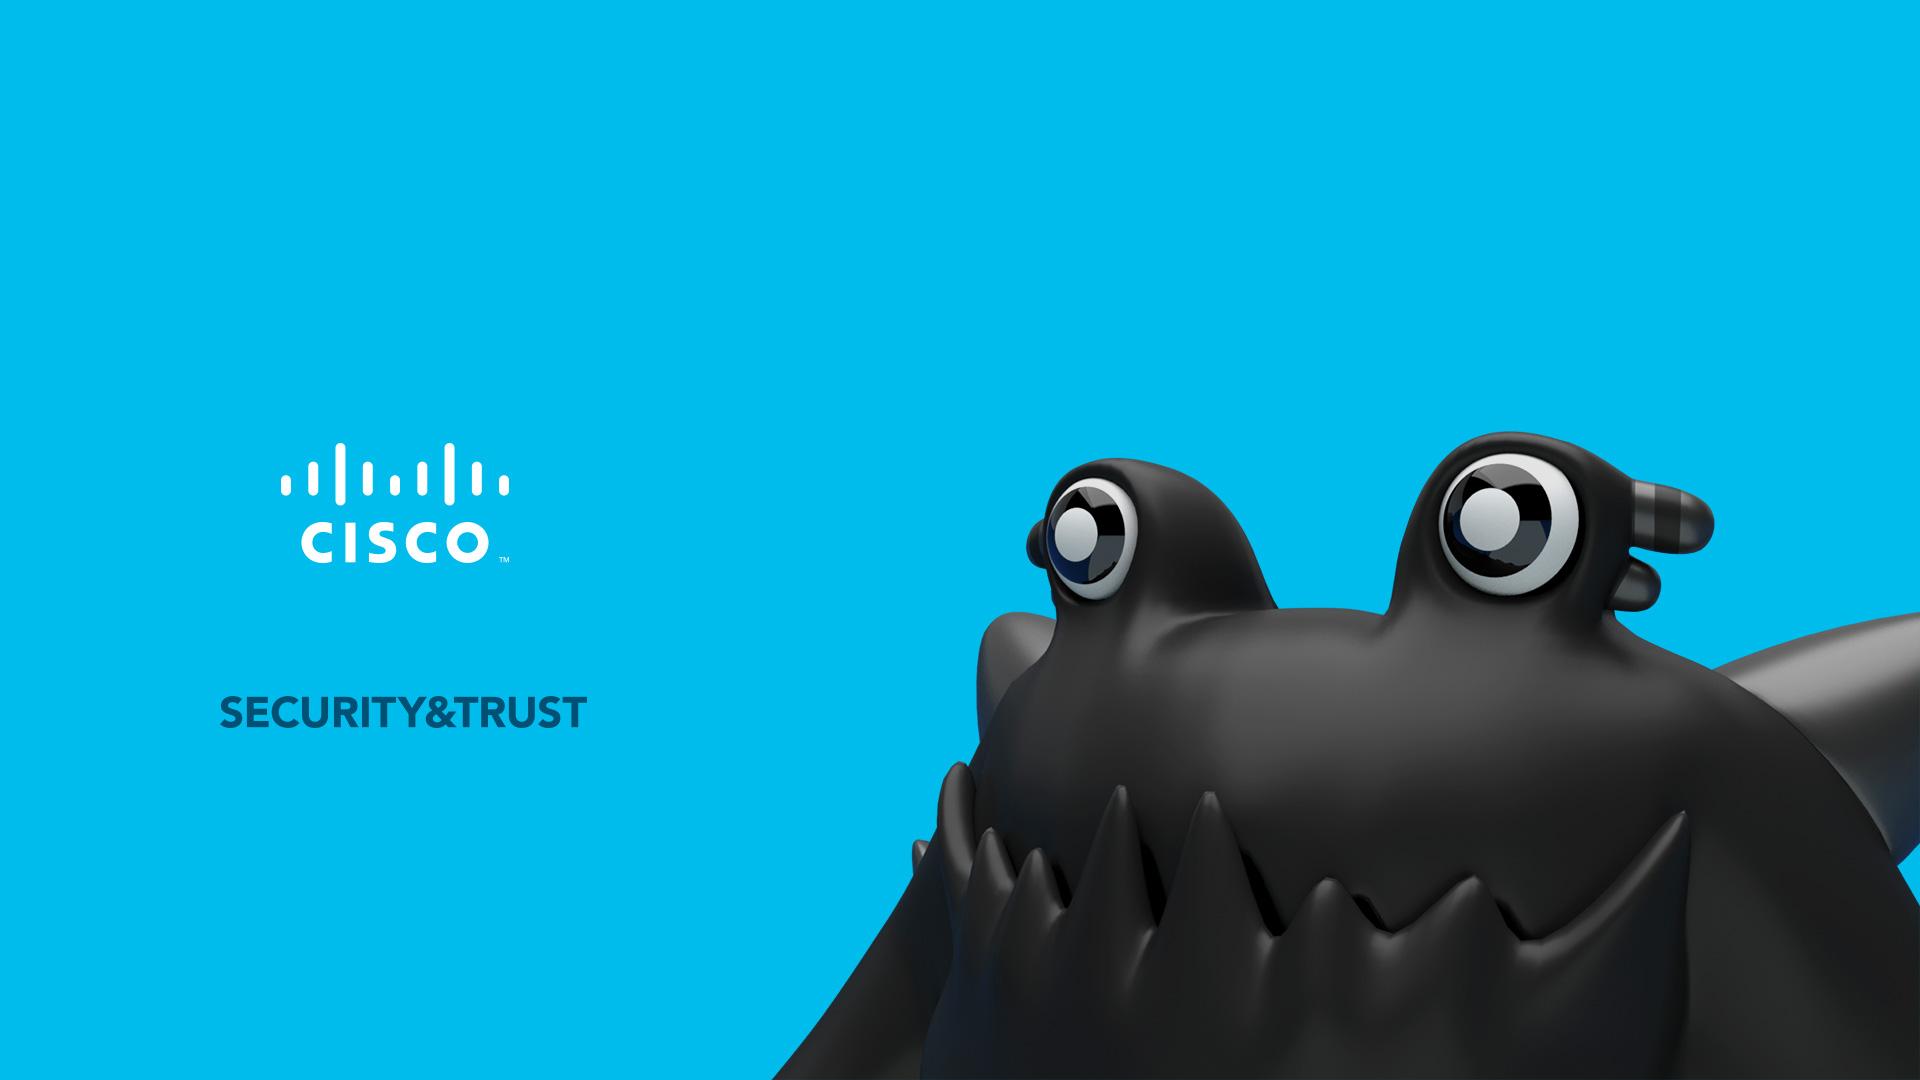 Cisco | Security & Trust